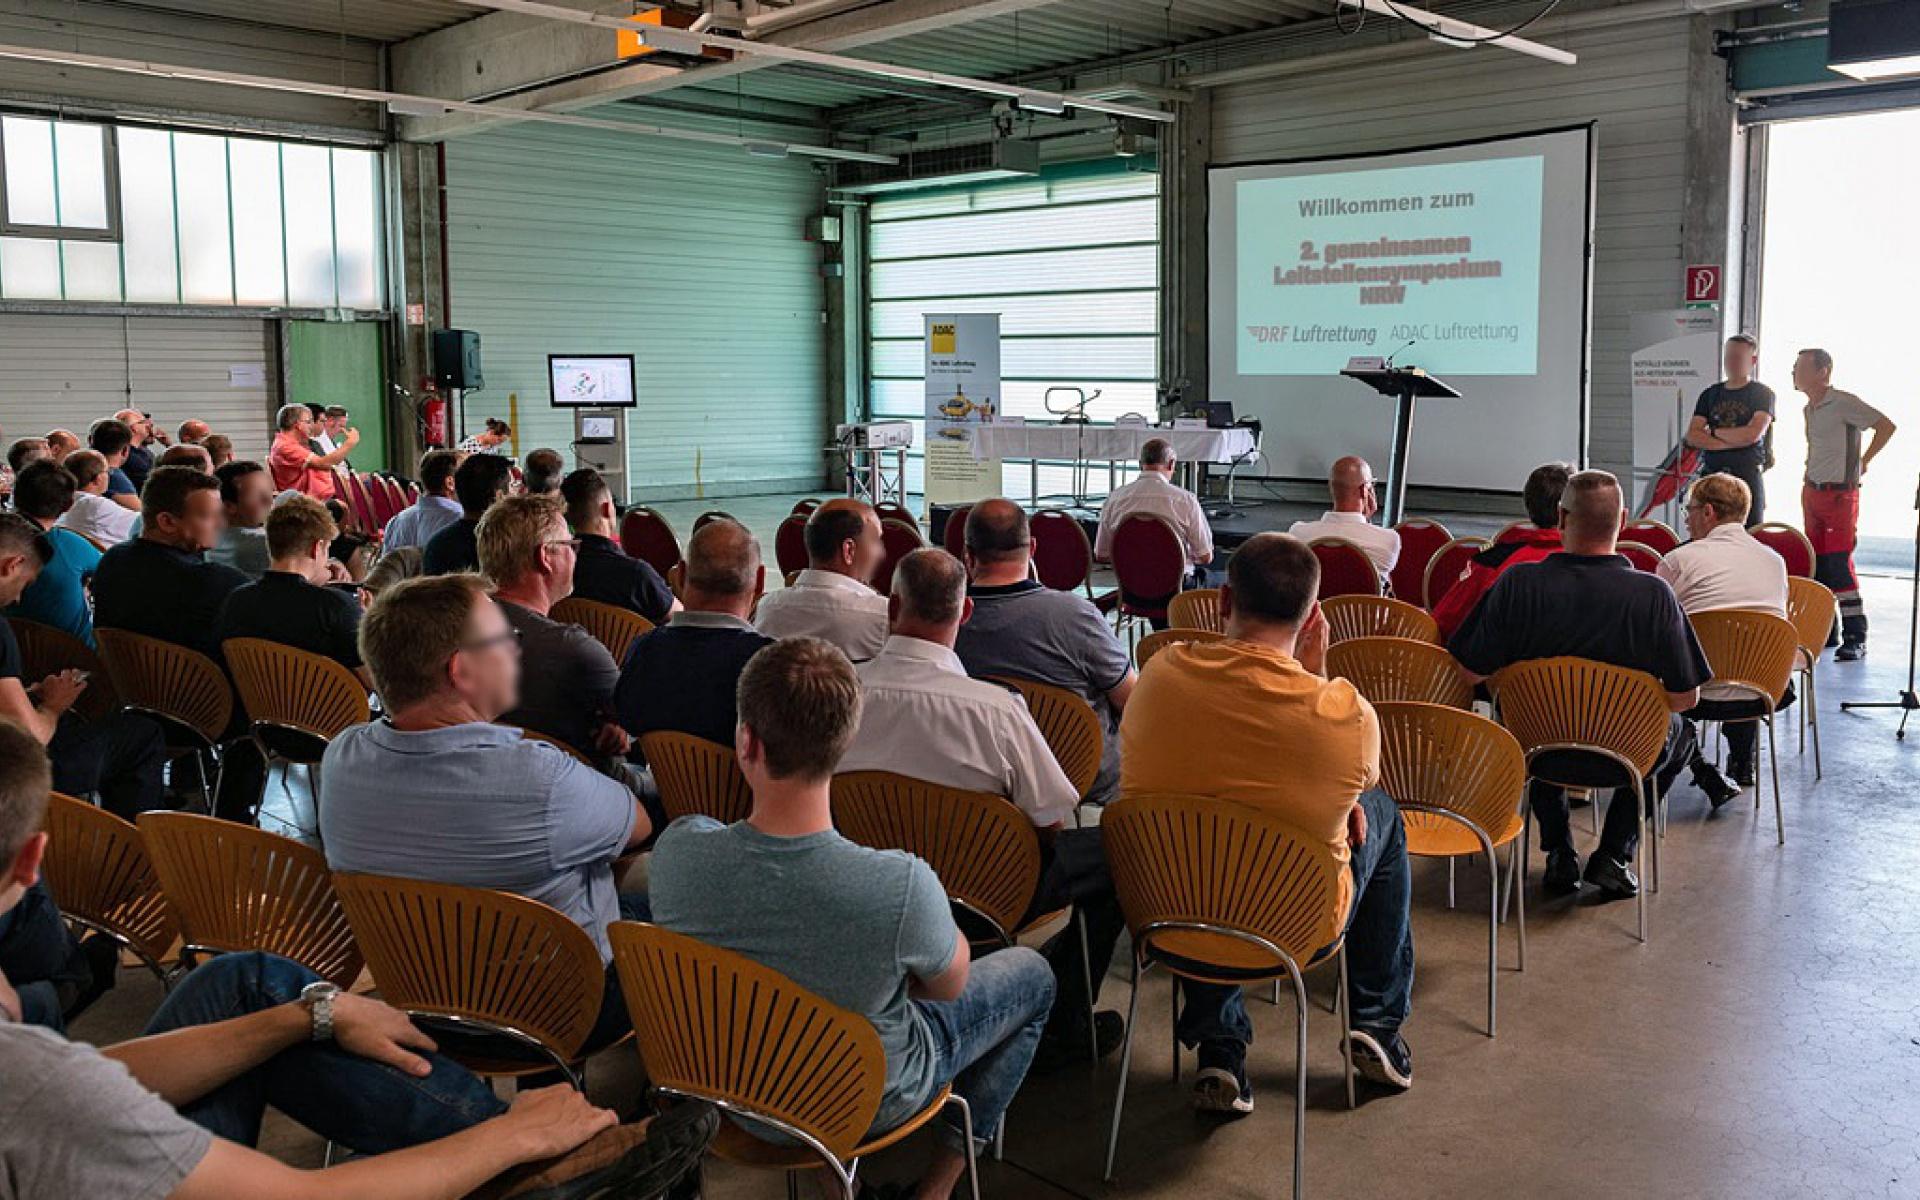 Zum zweiten Mal veranstaltete die DRF Luftrettung in Dortmund, gemeinsam mit der ADAC Luftrettung, eine Fortbildung für Leitstellendisponenten.